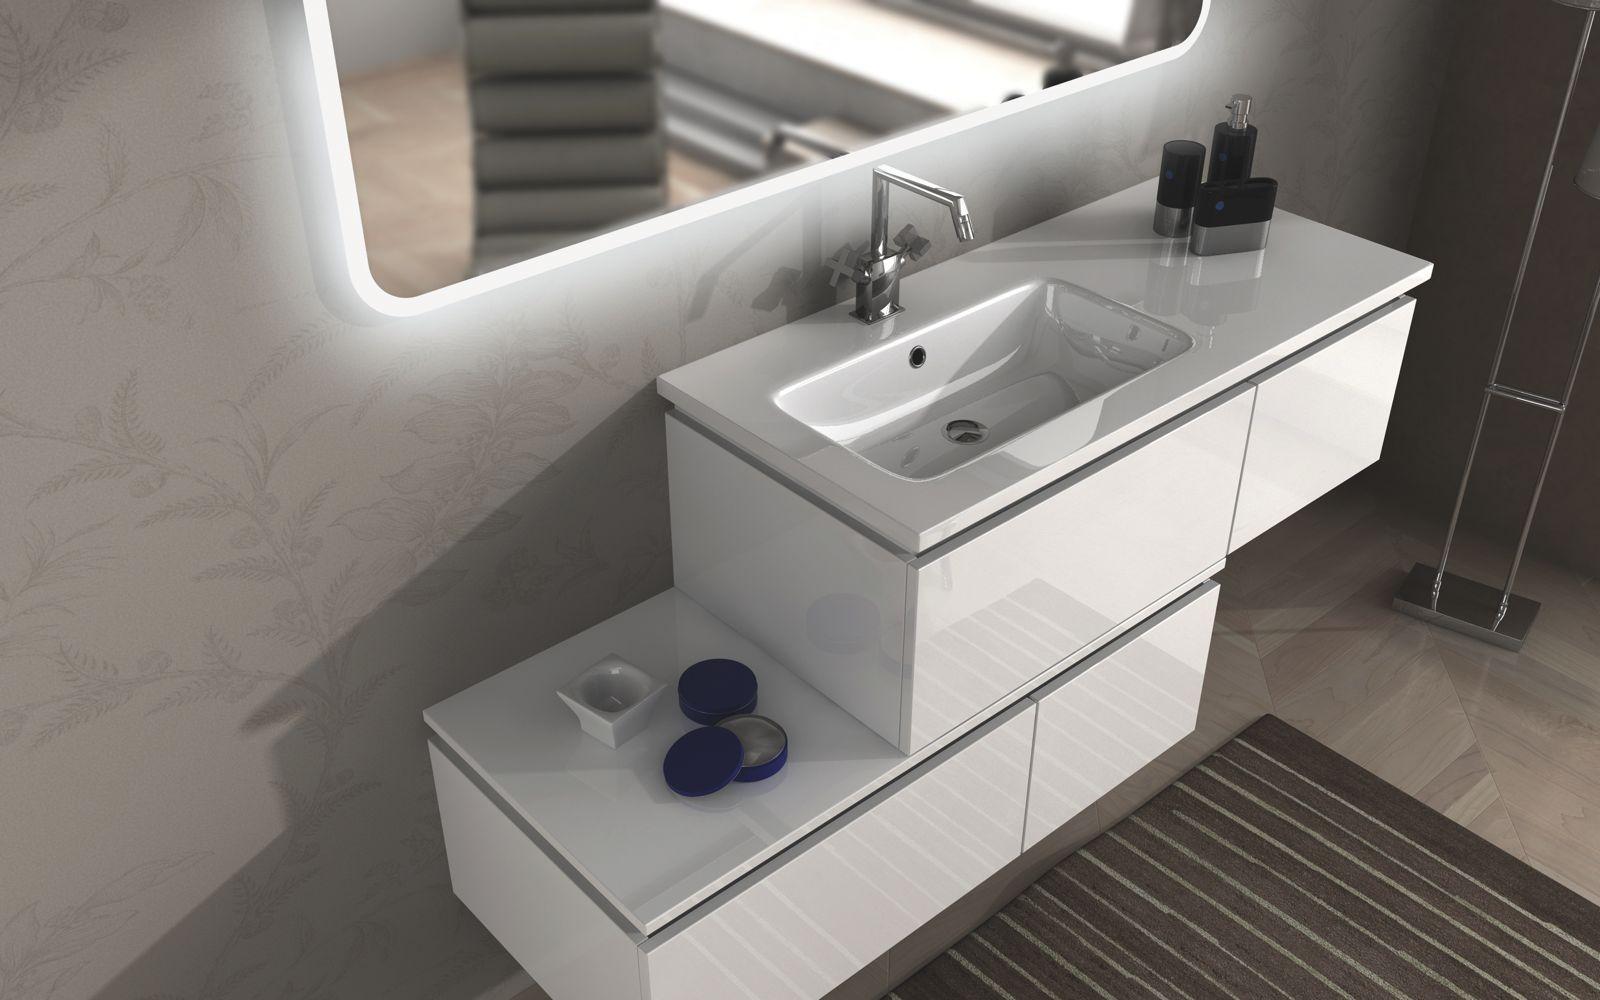 mobile arredo bagno avril 100+110 120 130 140 200 lavabo cassetto in 3 ...